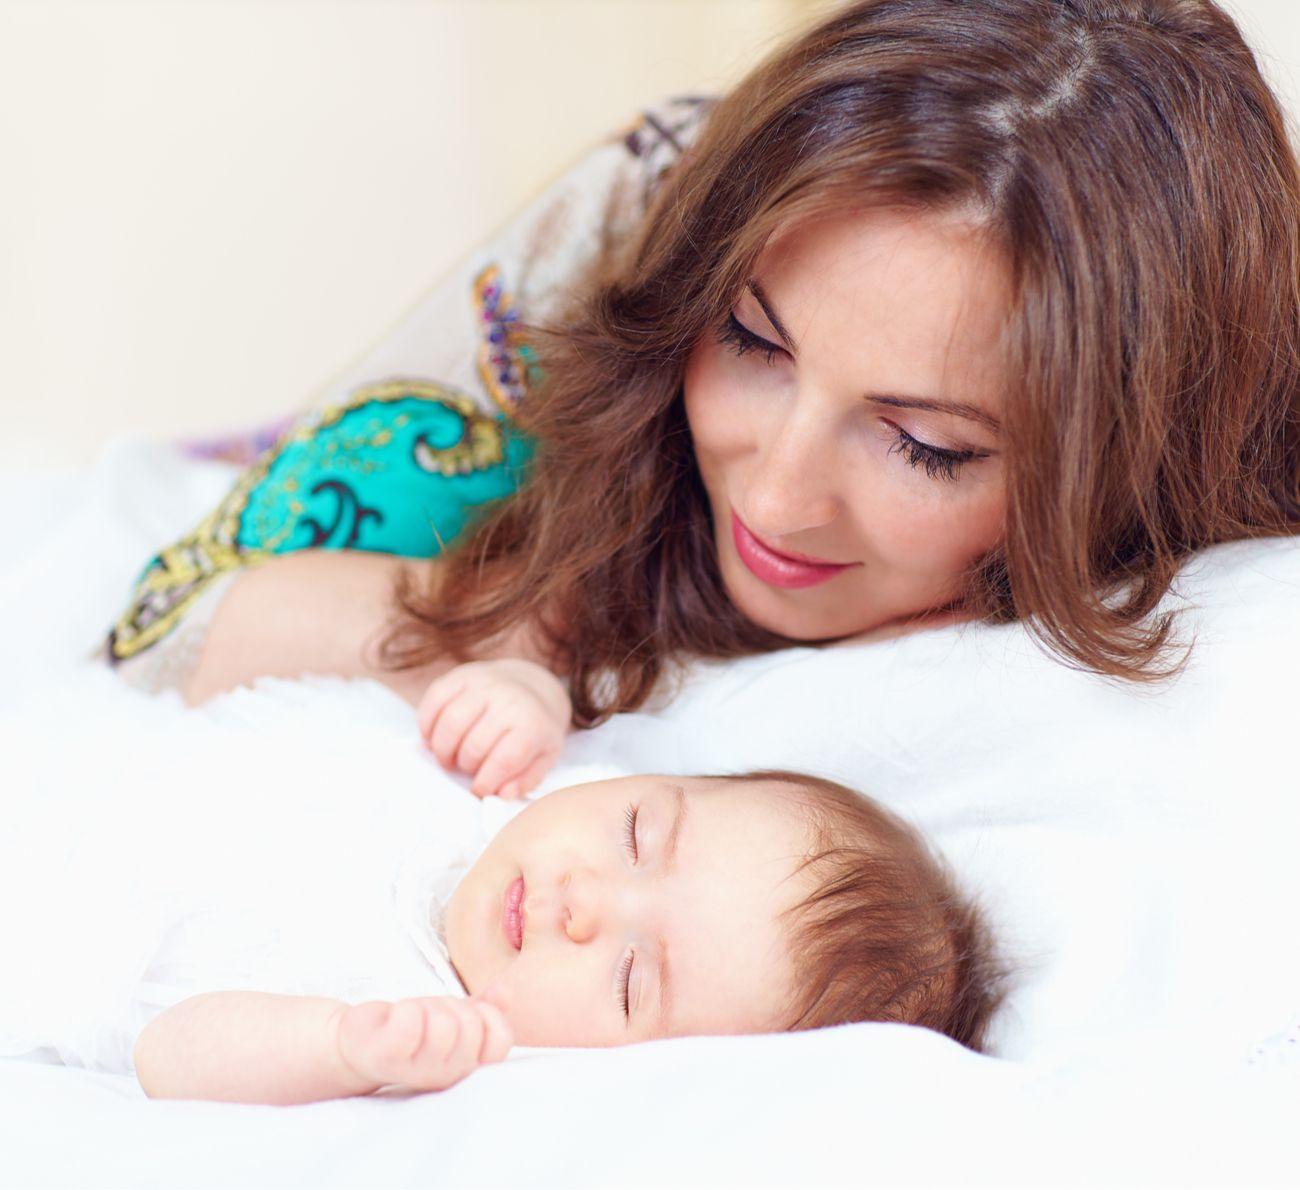 Como Fazer O Bebe Dormir A Noite Inteira Sem Deixa Lo Chorando Bebes Dormindo Como Fazer Bebe Dormir Crianca Dormindo